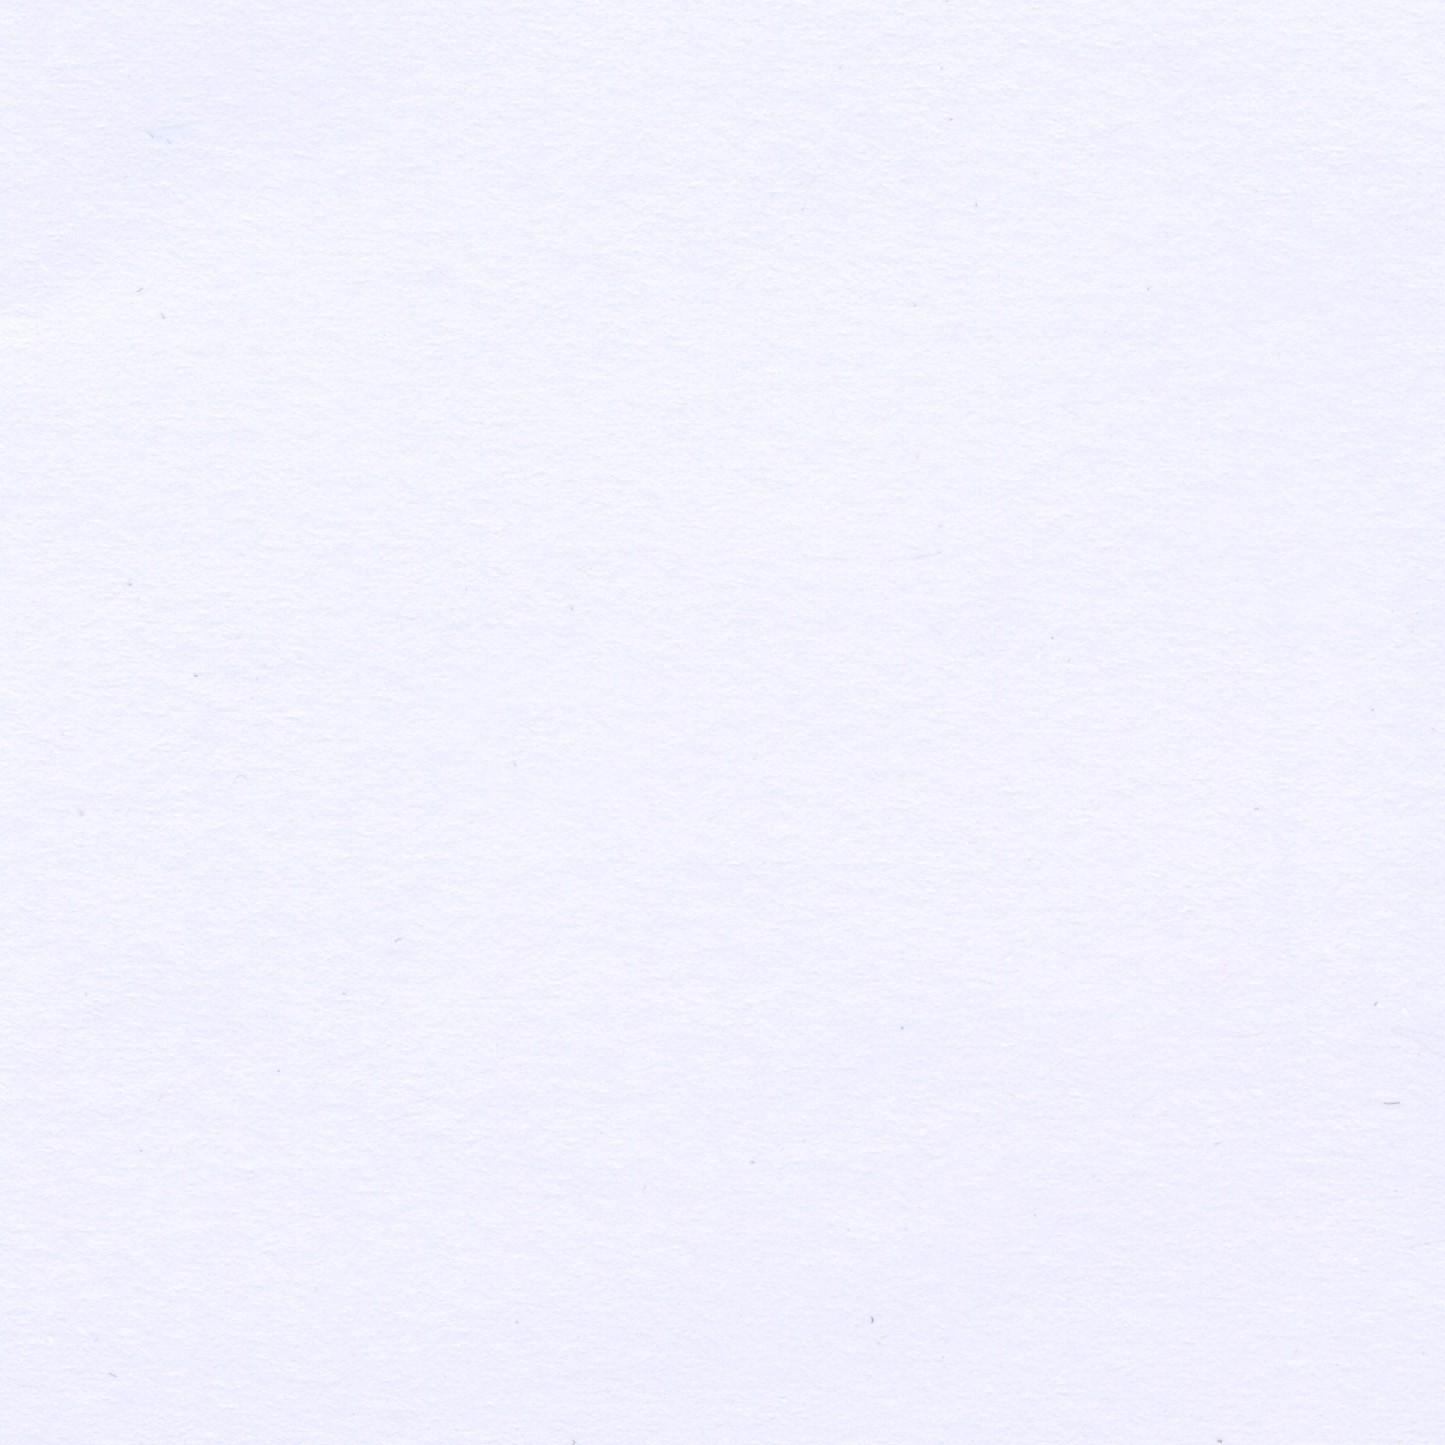 Translucent - White 100gsm